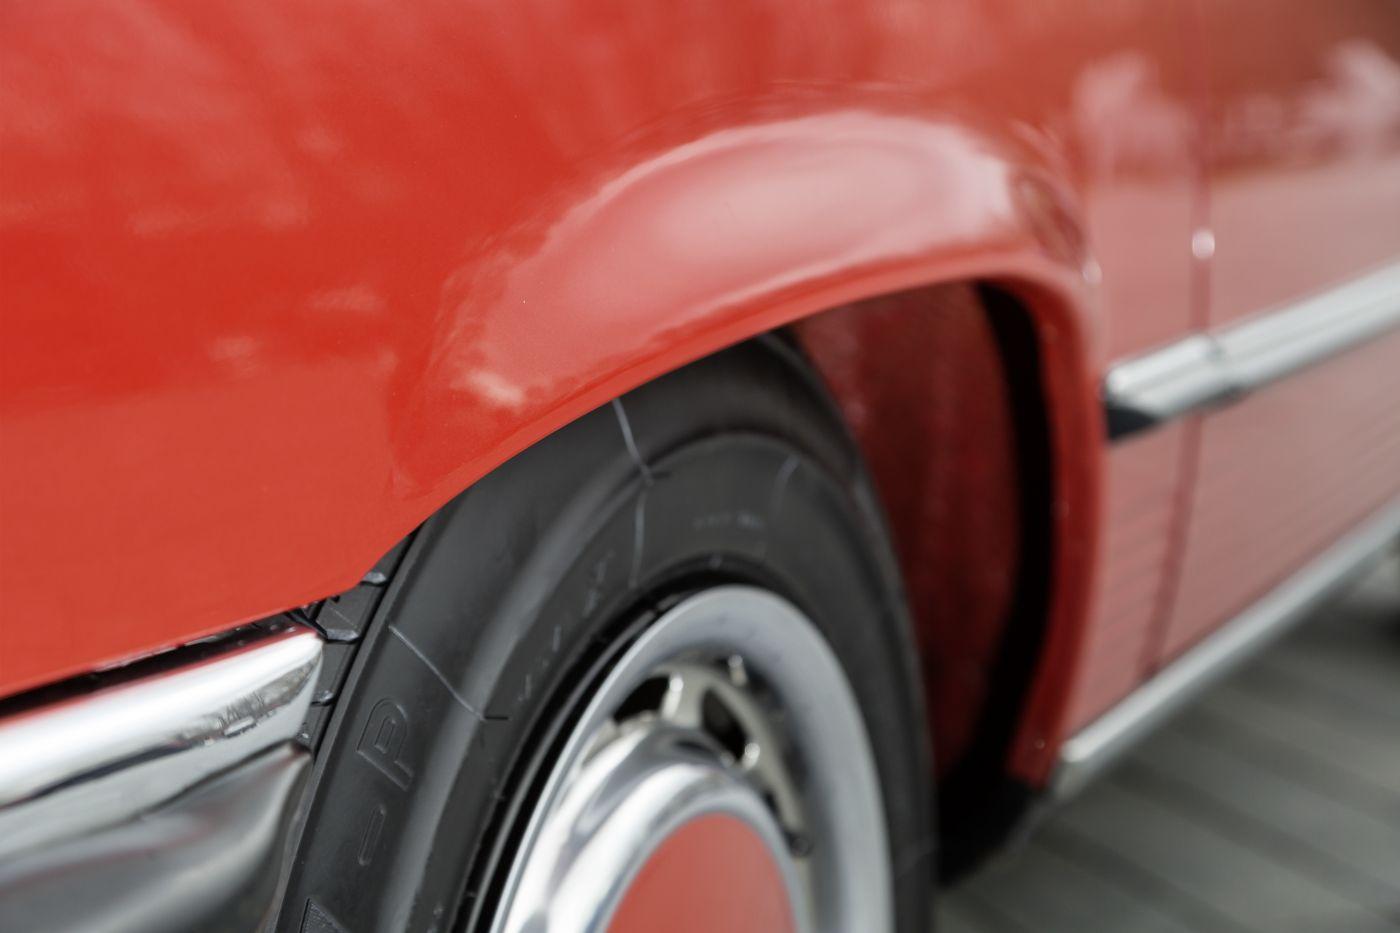 Mercedes-Benz R 107 280 SL 1976 (7)